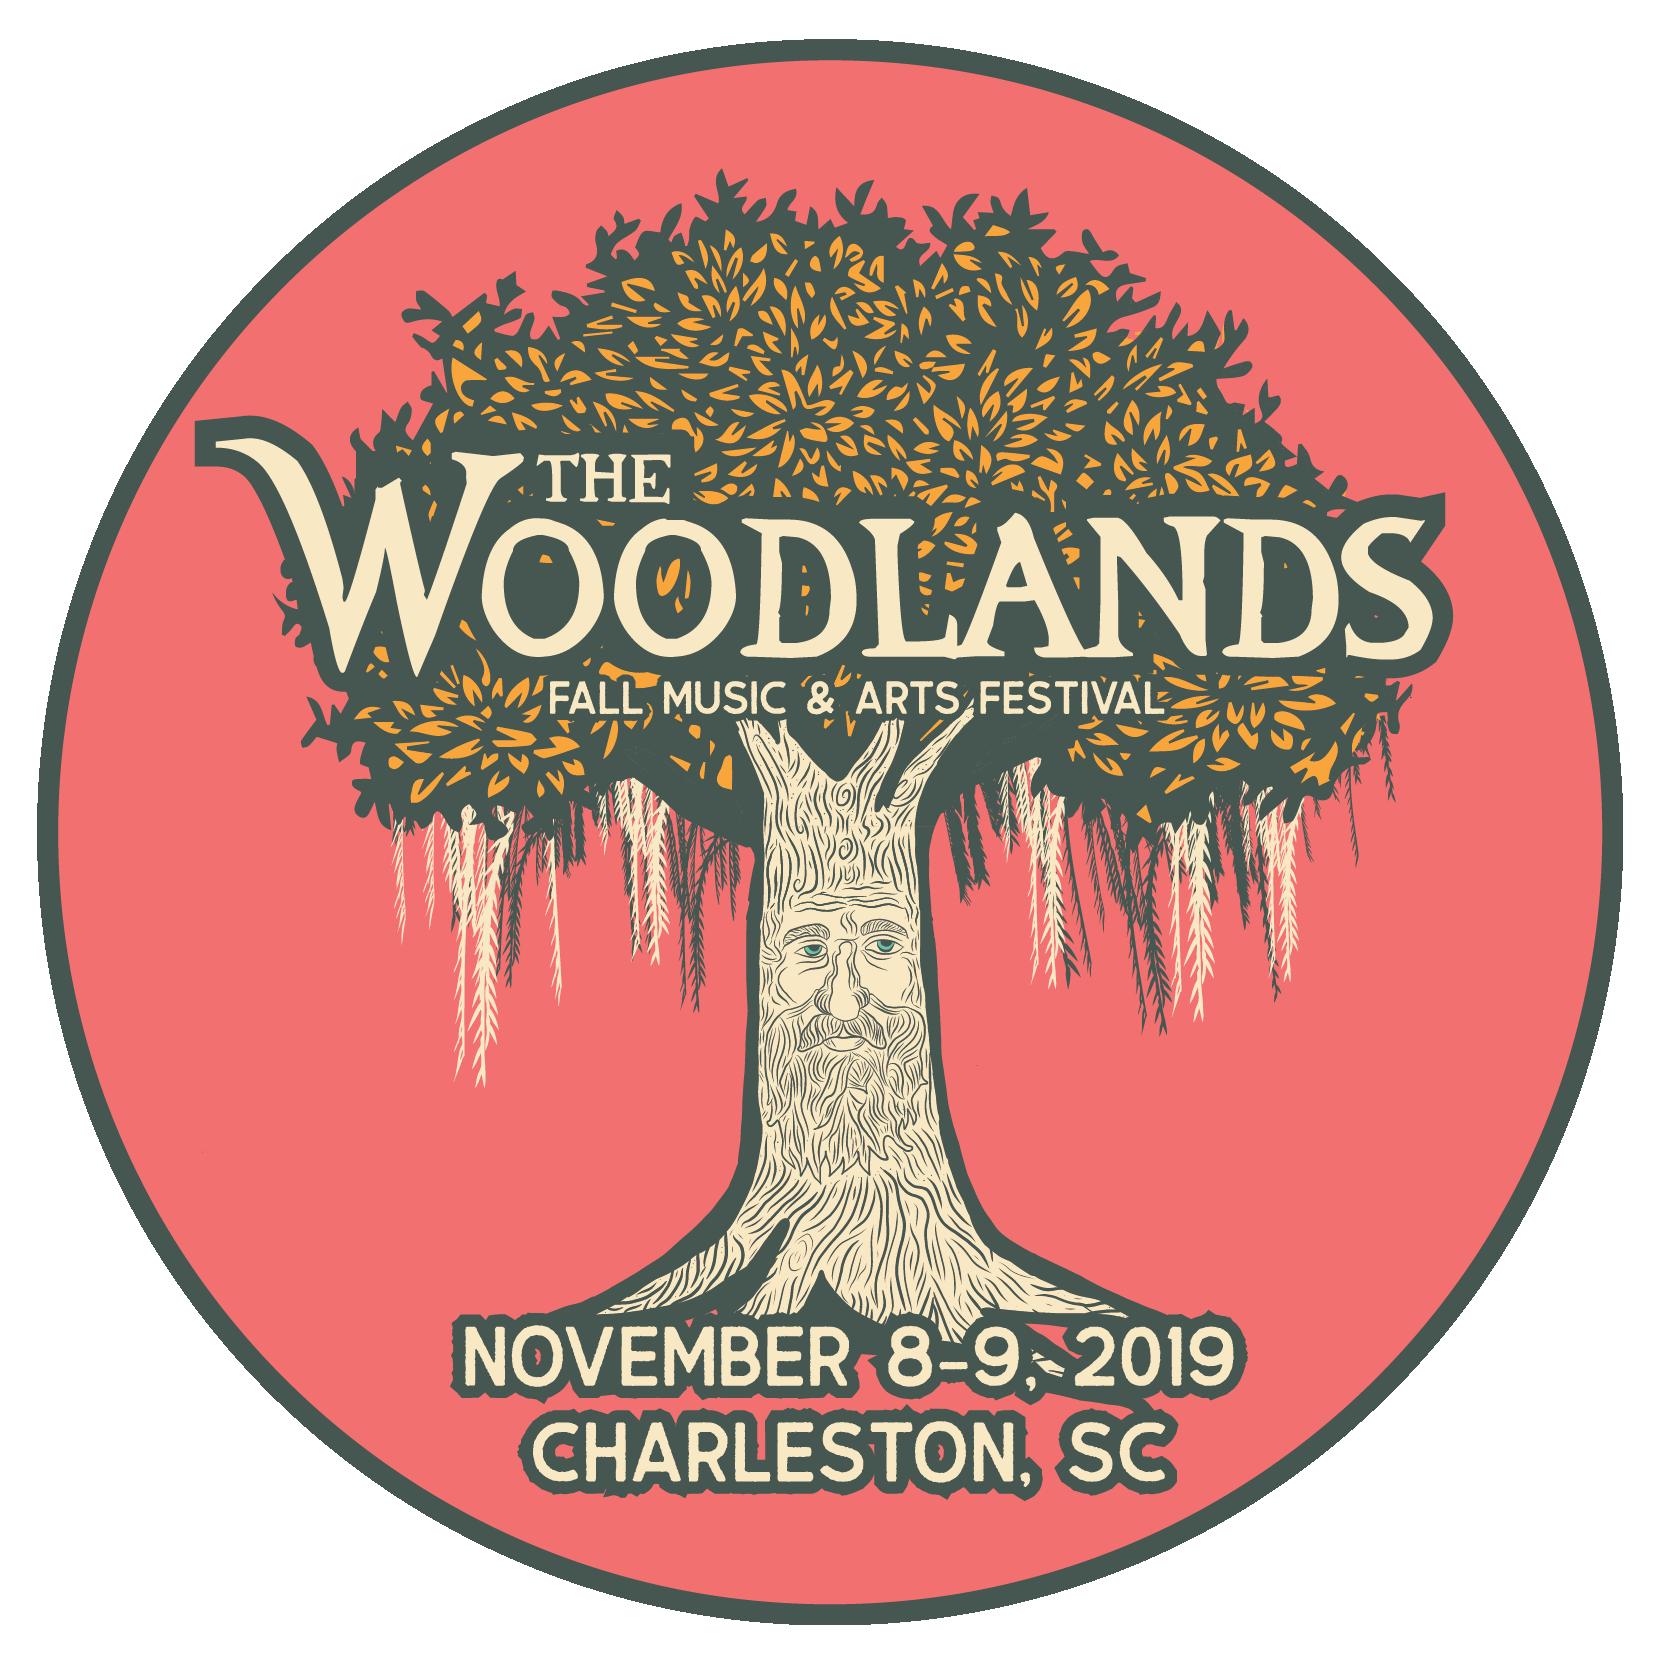 Woodlands-pink-logo-01.png